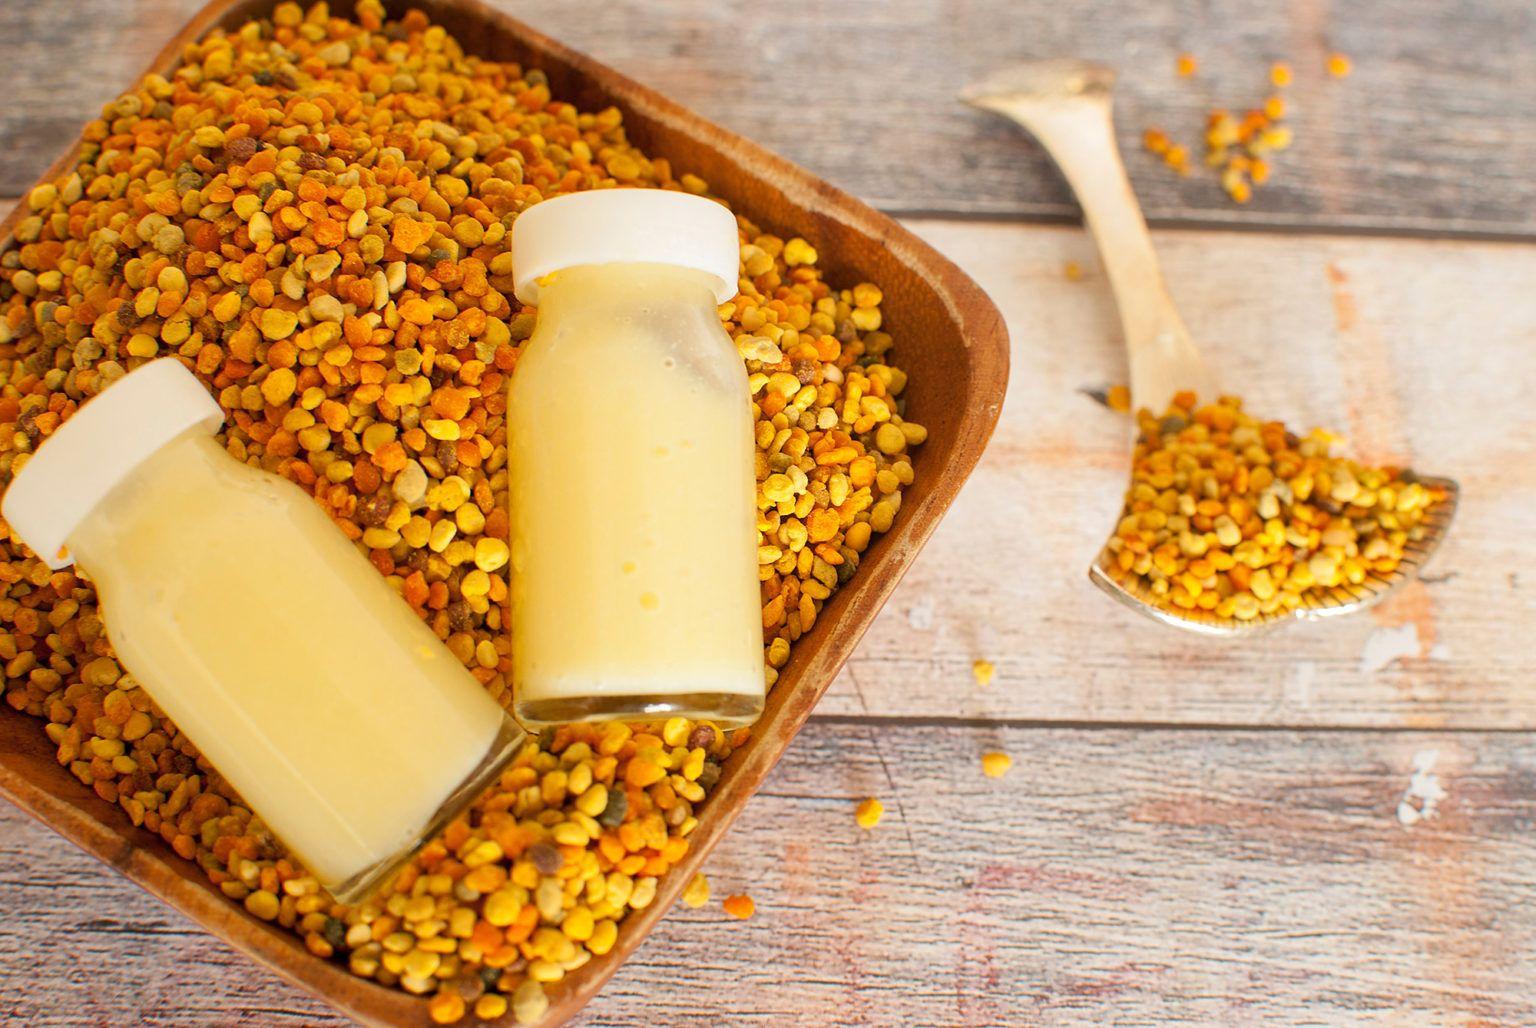 أفضل أنواع غذاء ملكات النحل السائل والكبسولات In 2020 Royal Jelly Royal Jelly Benefits Healty Eating